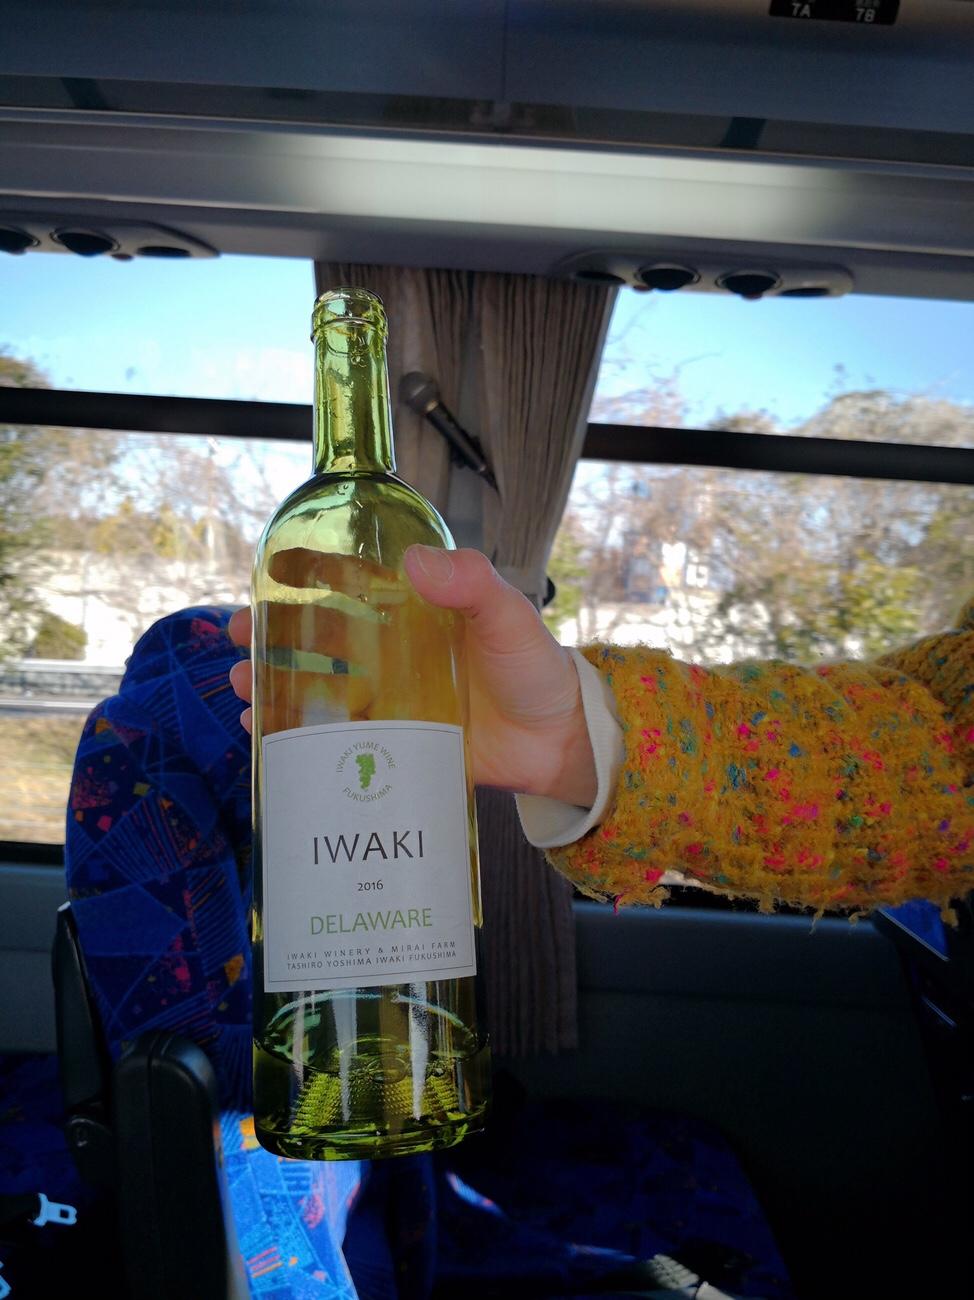 いわきワイナリーのワイン